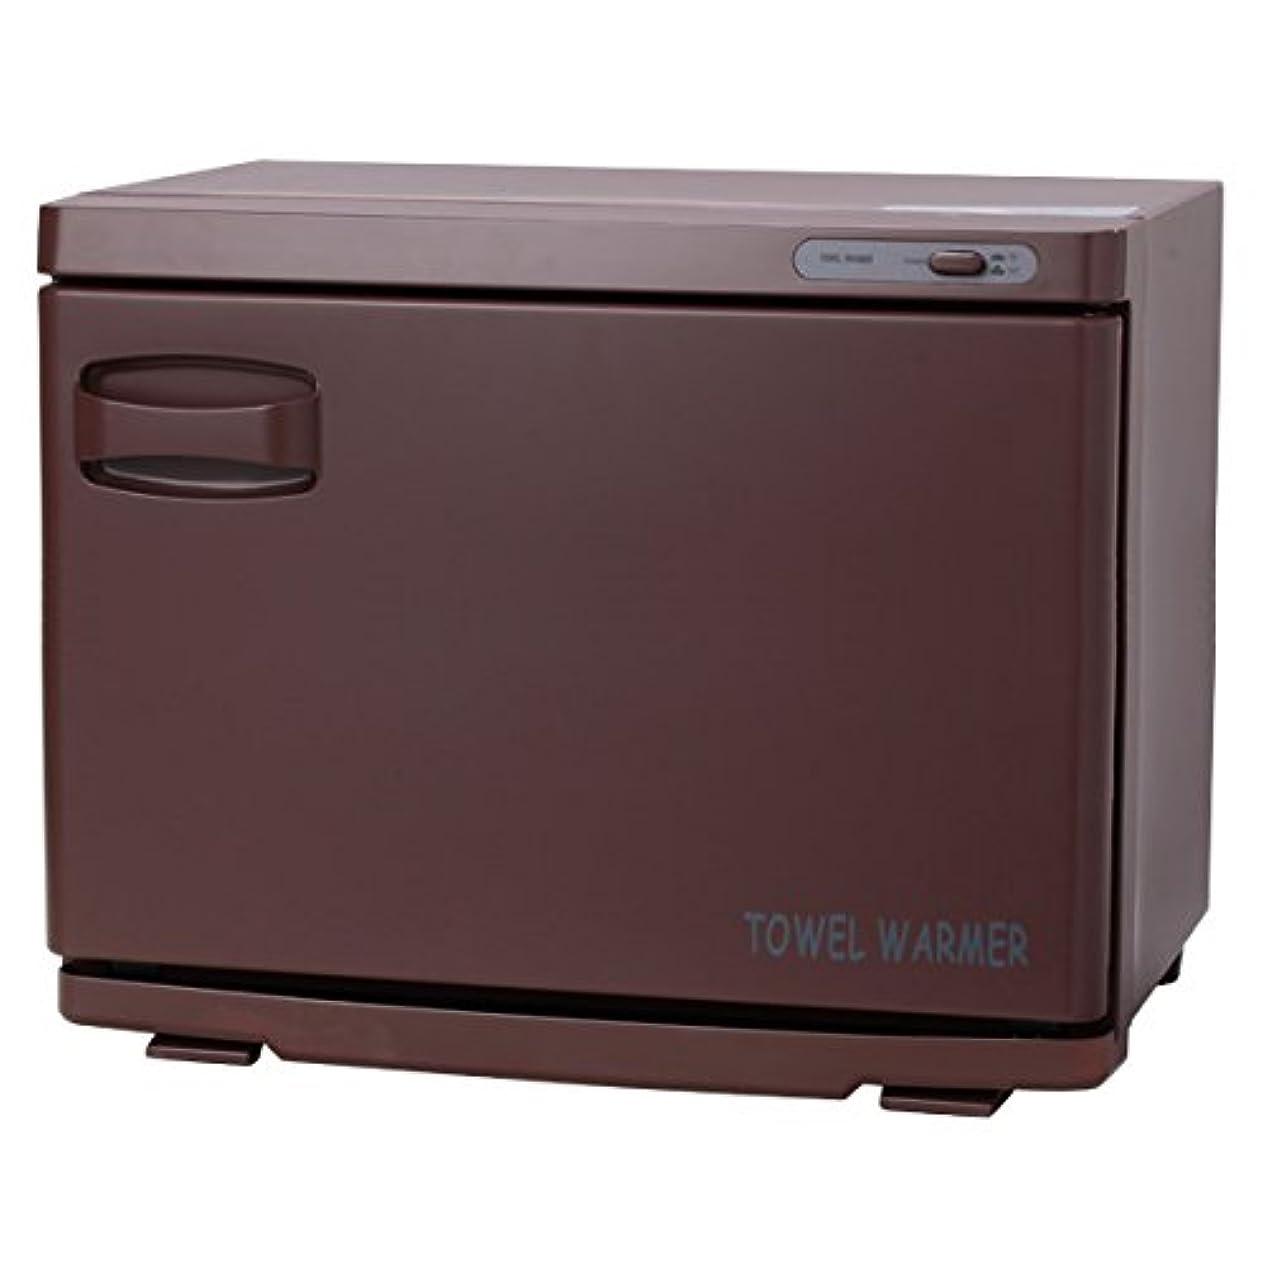 所有者扱いやすい海タオルウォーマー ブラウン ( 前開き ) 18L 業務用 タオル蒸し器 おしぼり蒸し器 保温器